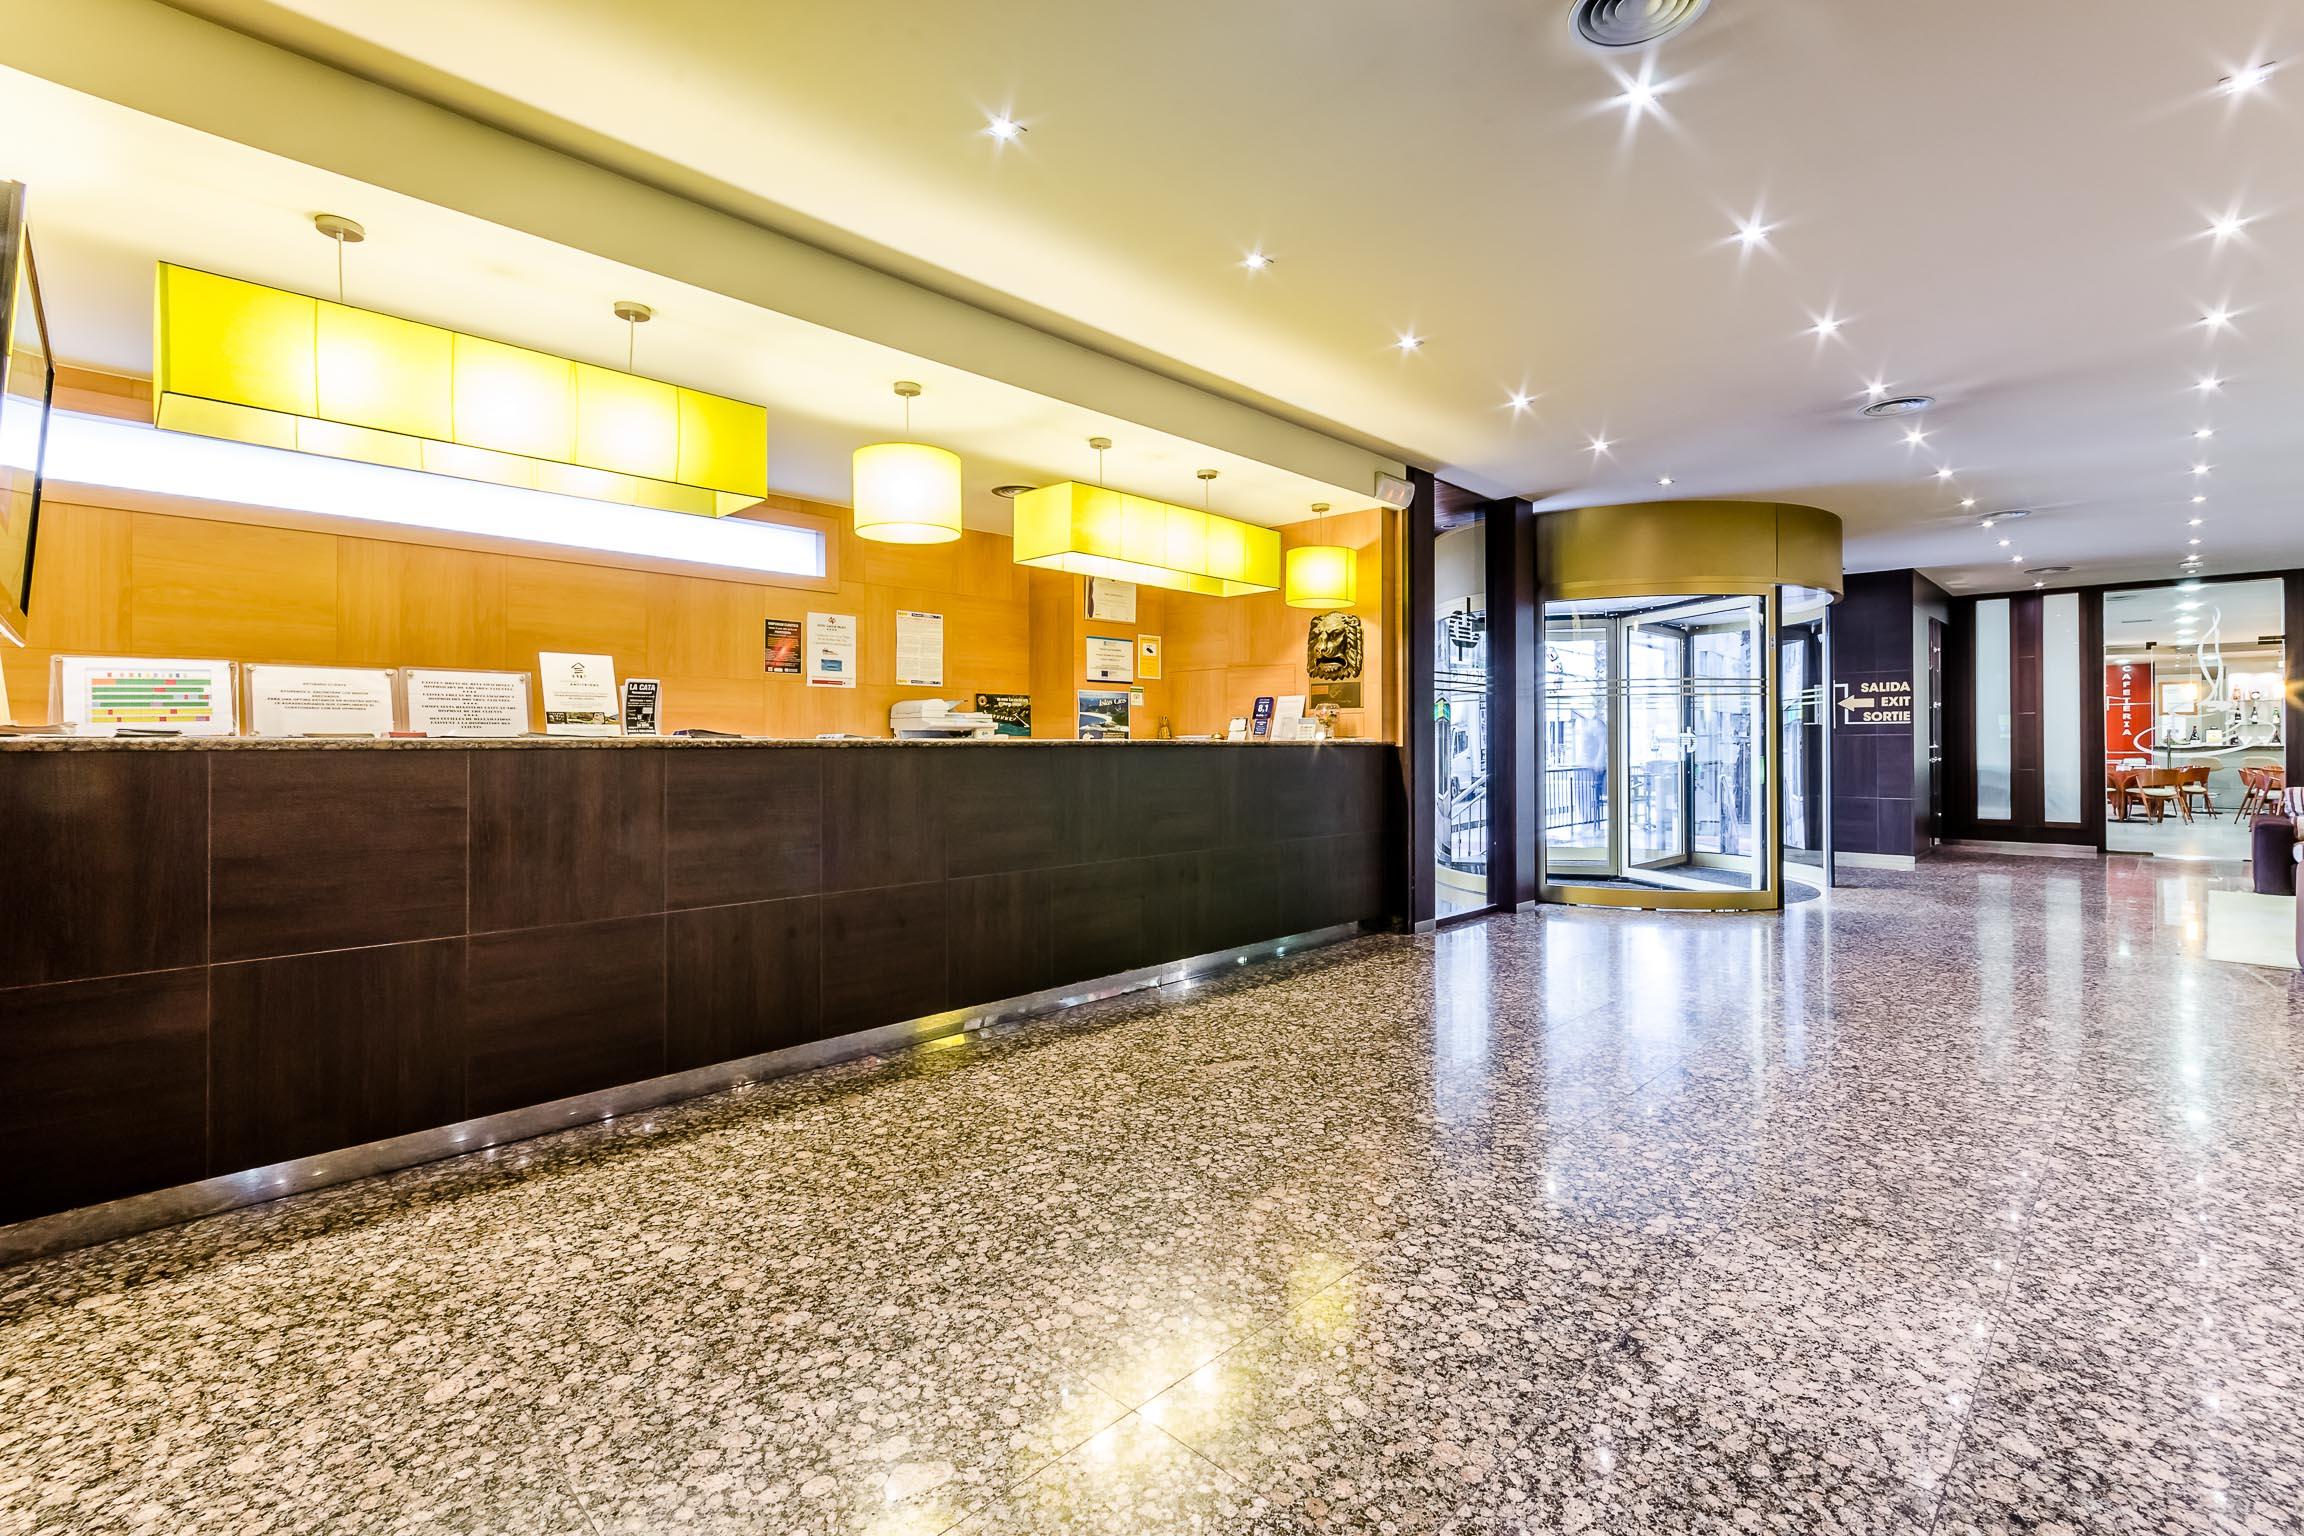 Hotel Galicia Palace Hotel En Pontevedra Viajes El Corte Ingl S ~ Reformas El Corte Ingles Opiniones